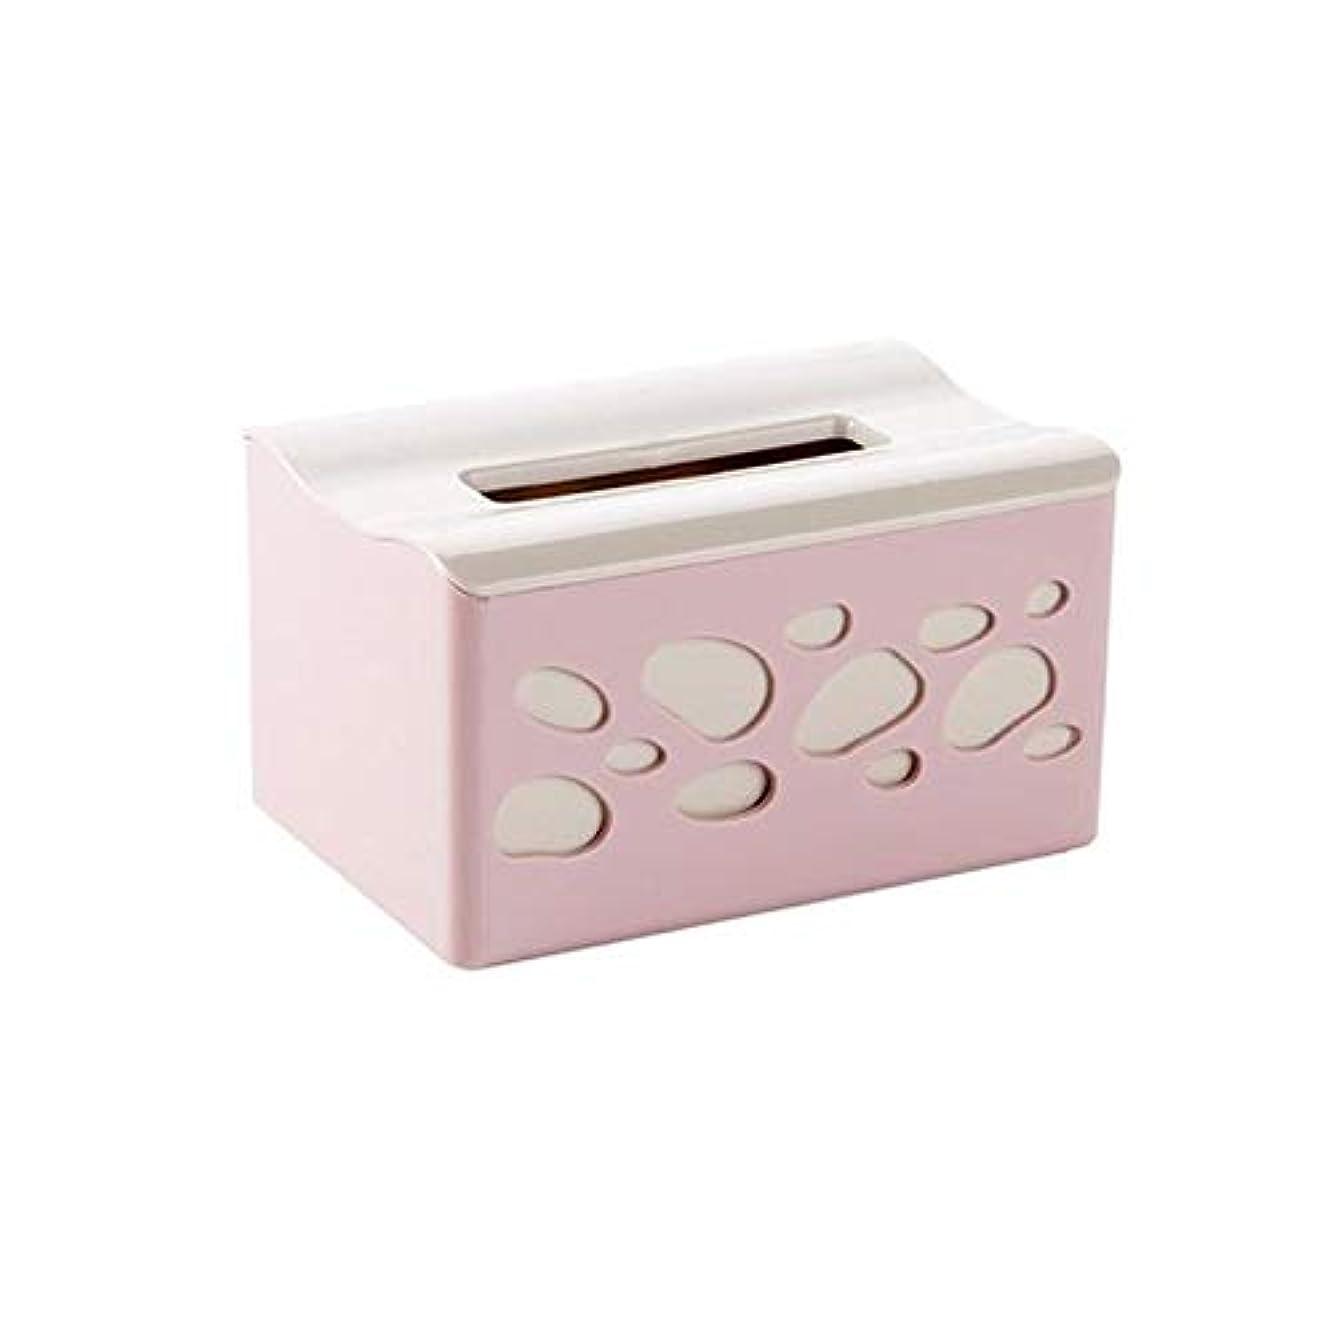 誘惑する激怒皮肉なリビングルームホテルの近代的なプラスチック製のティッシュボックスピンクブルーパープルキッチンストレージボックスオフィスホーム主催表ティッシュホルダー (Color : Pink)